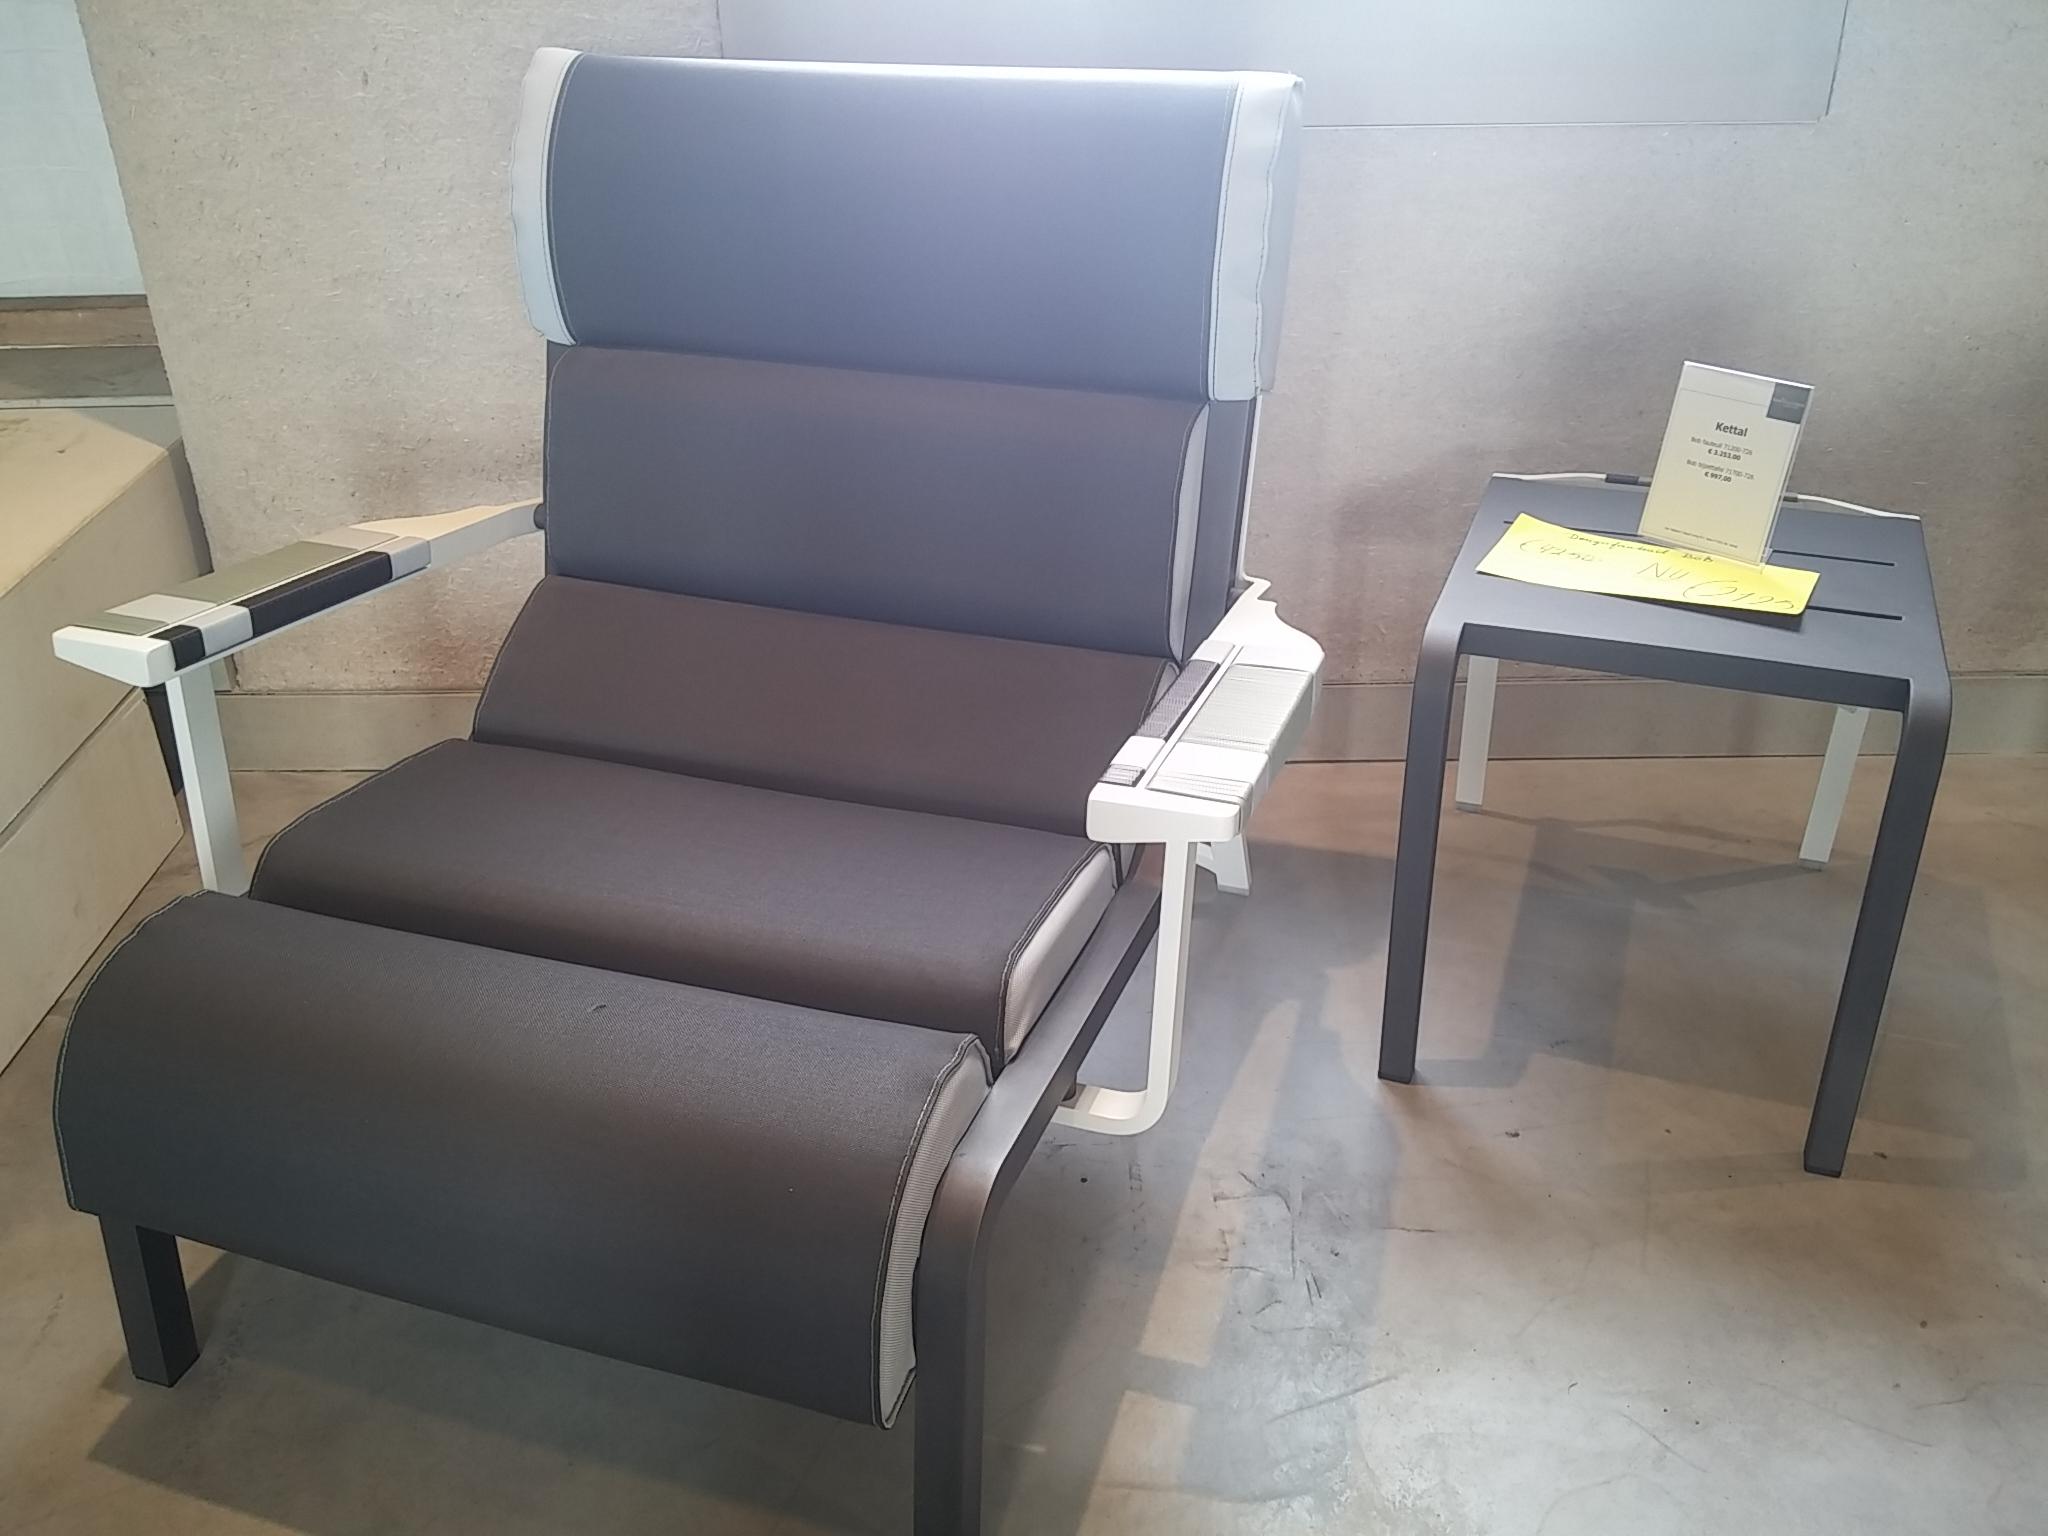 Kettal bob fauteuil » ✓ van valderen exclusieve tuinmeubelen ✓ nl be